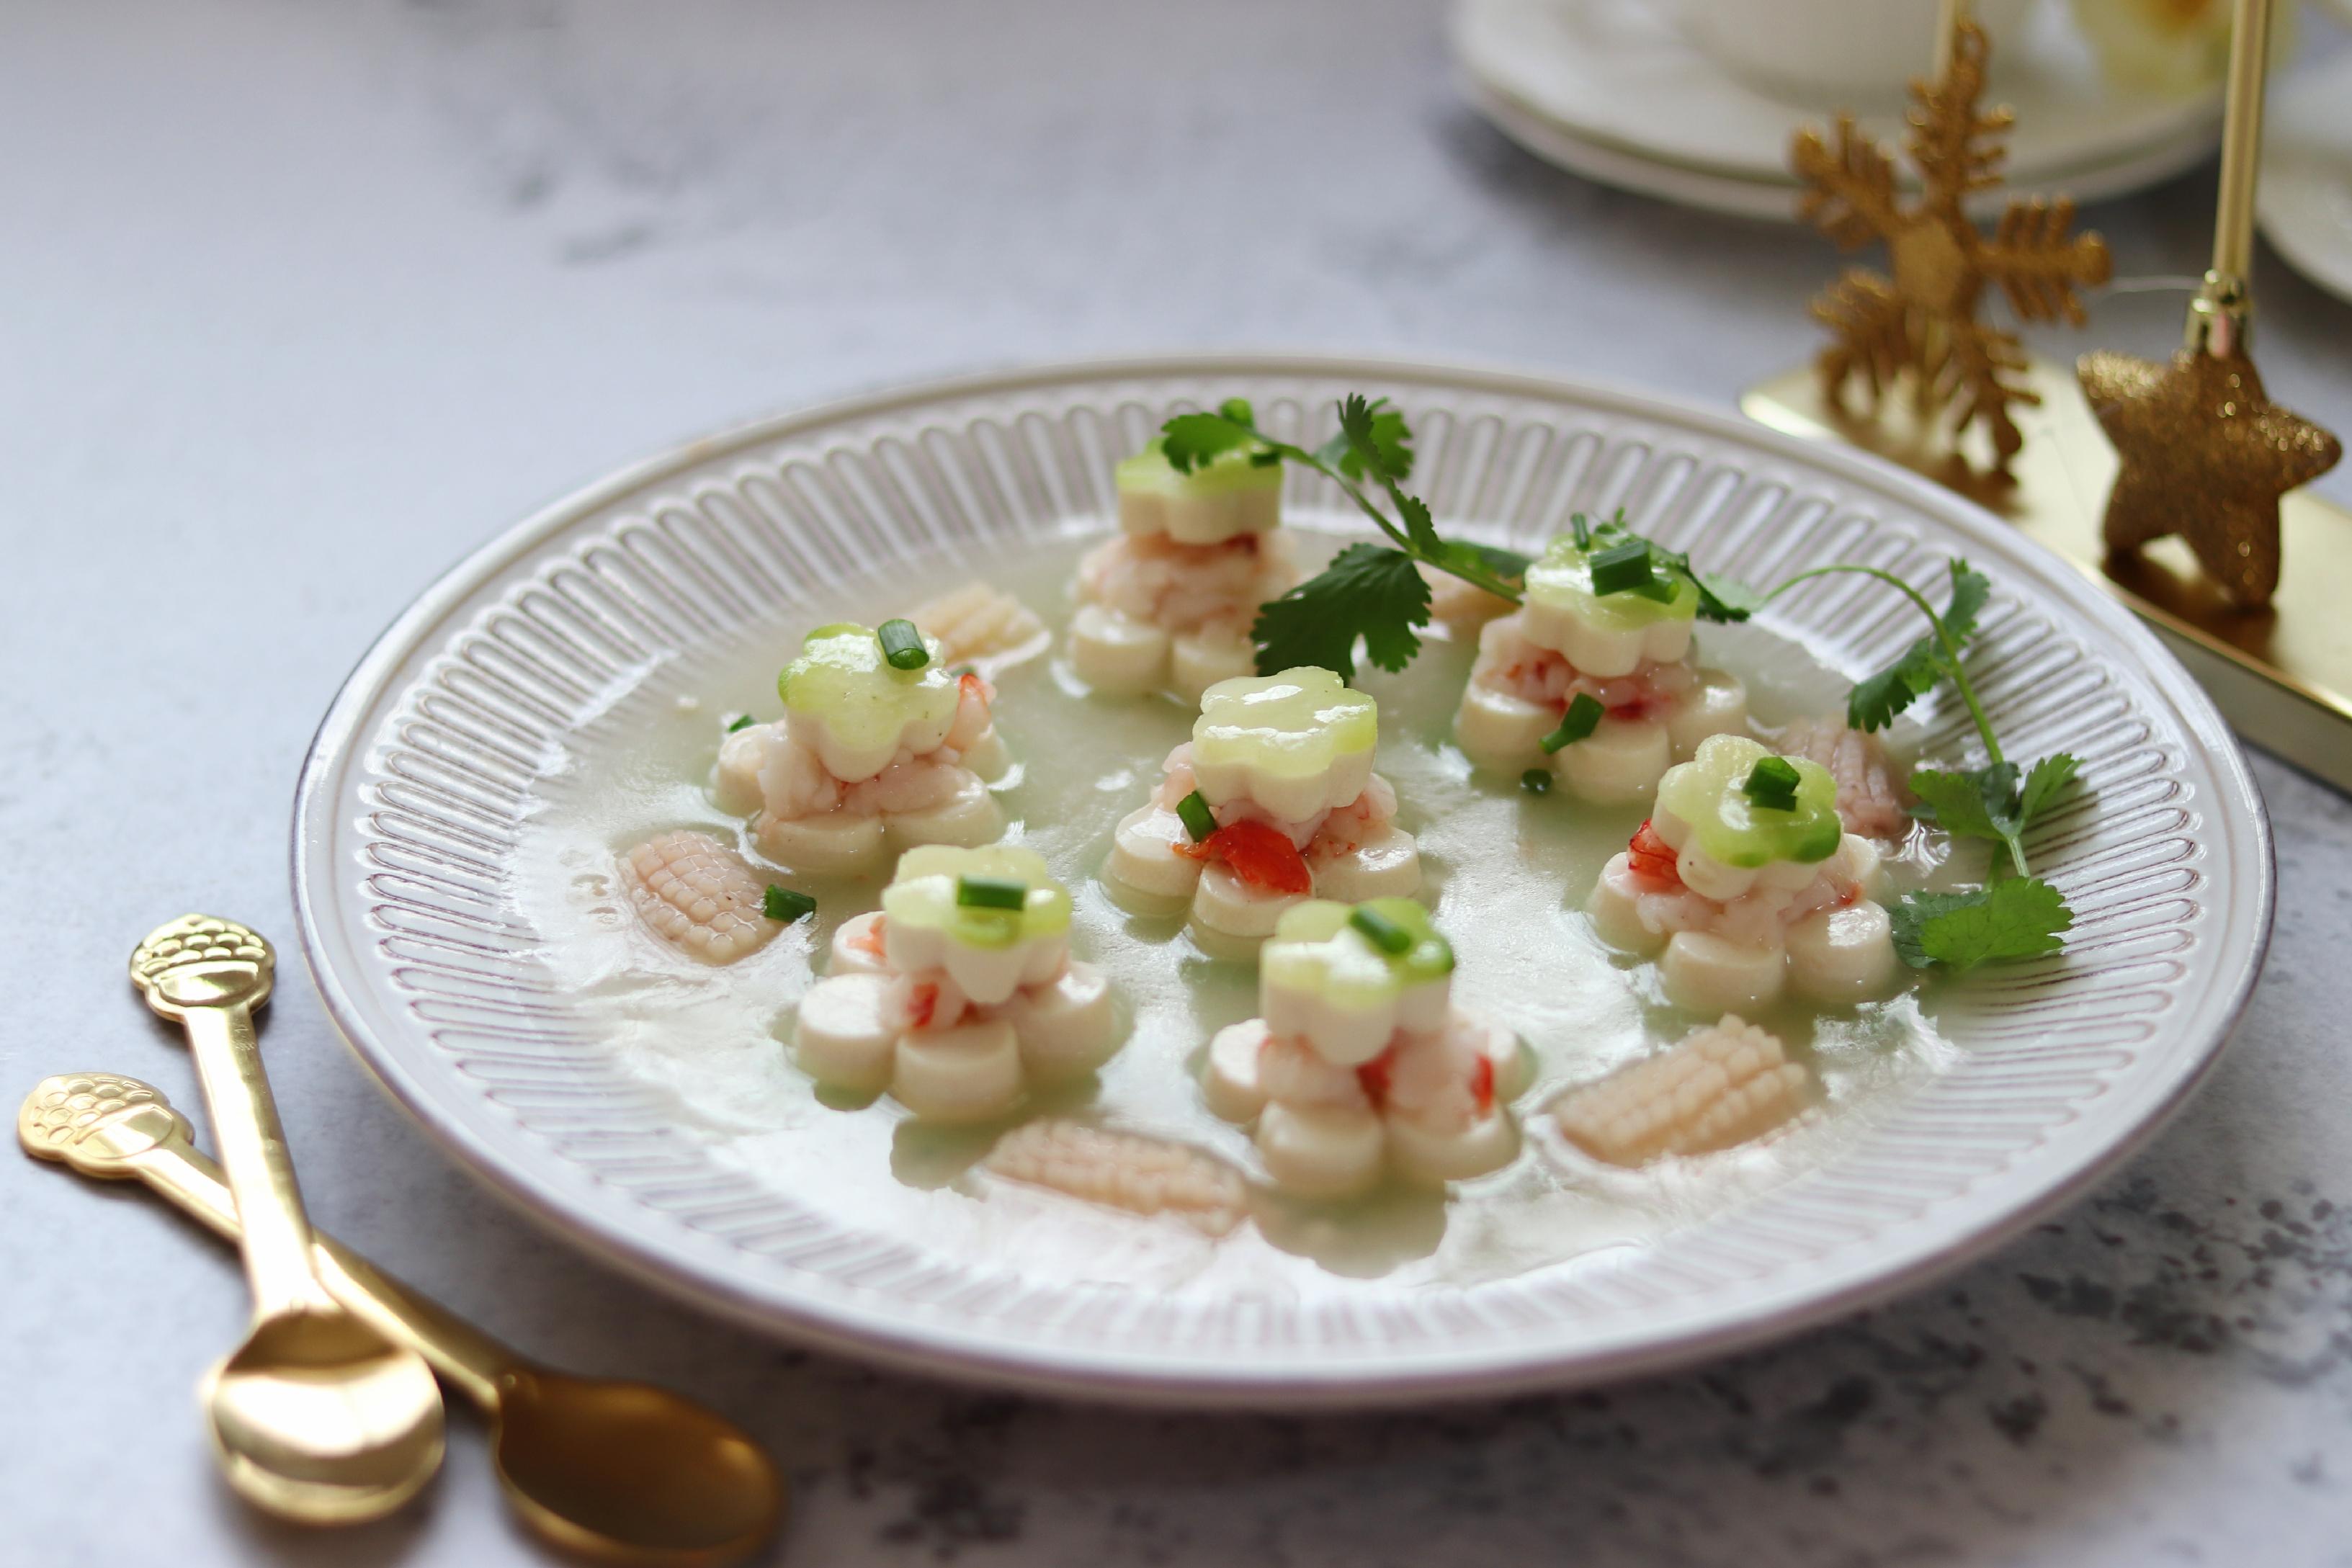 青萝卜食谱蒸白玉,年夜饭蛋黄,清口解腻宝宝肉虾仁鸡胸吃图片